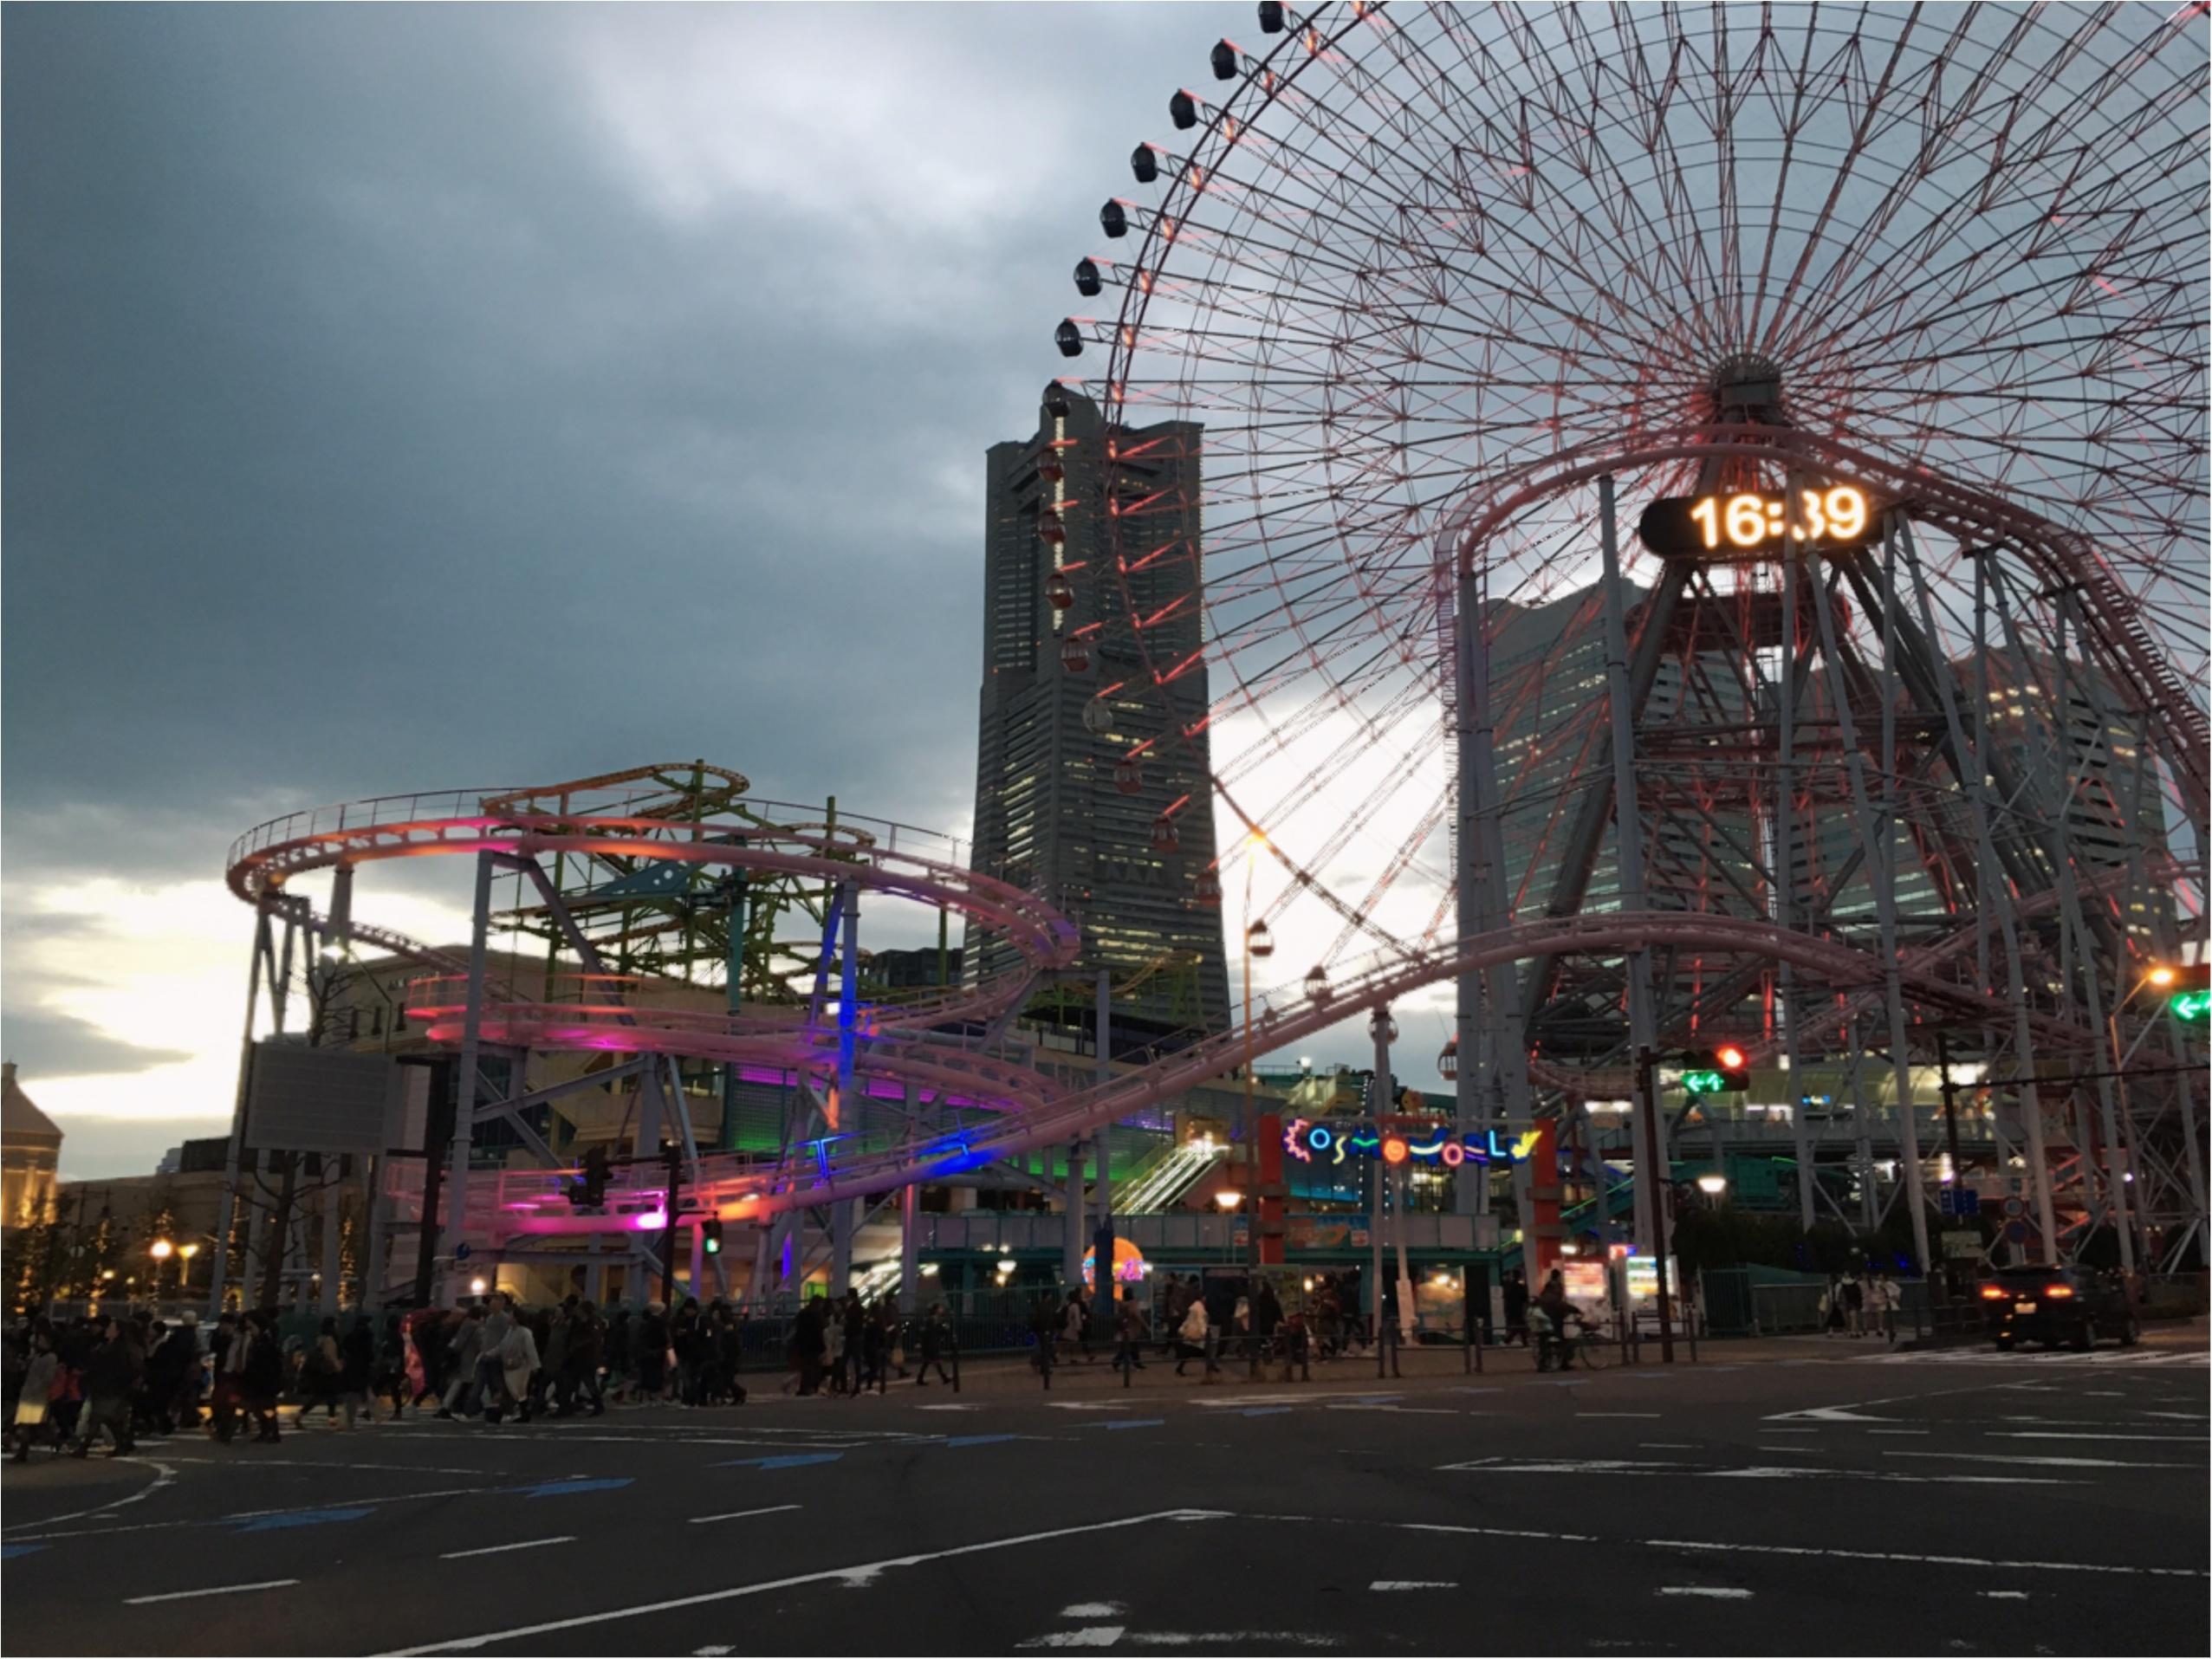 《ご当地モア❤︎神奈川》横浜みなとみらいはディズニーコラボのイルミネーション✧°_5